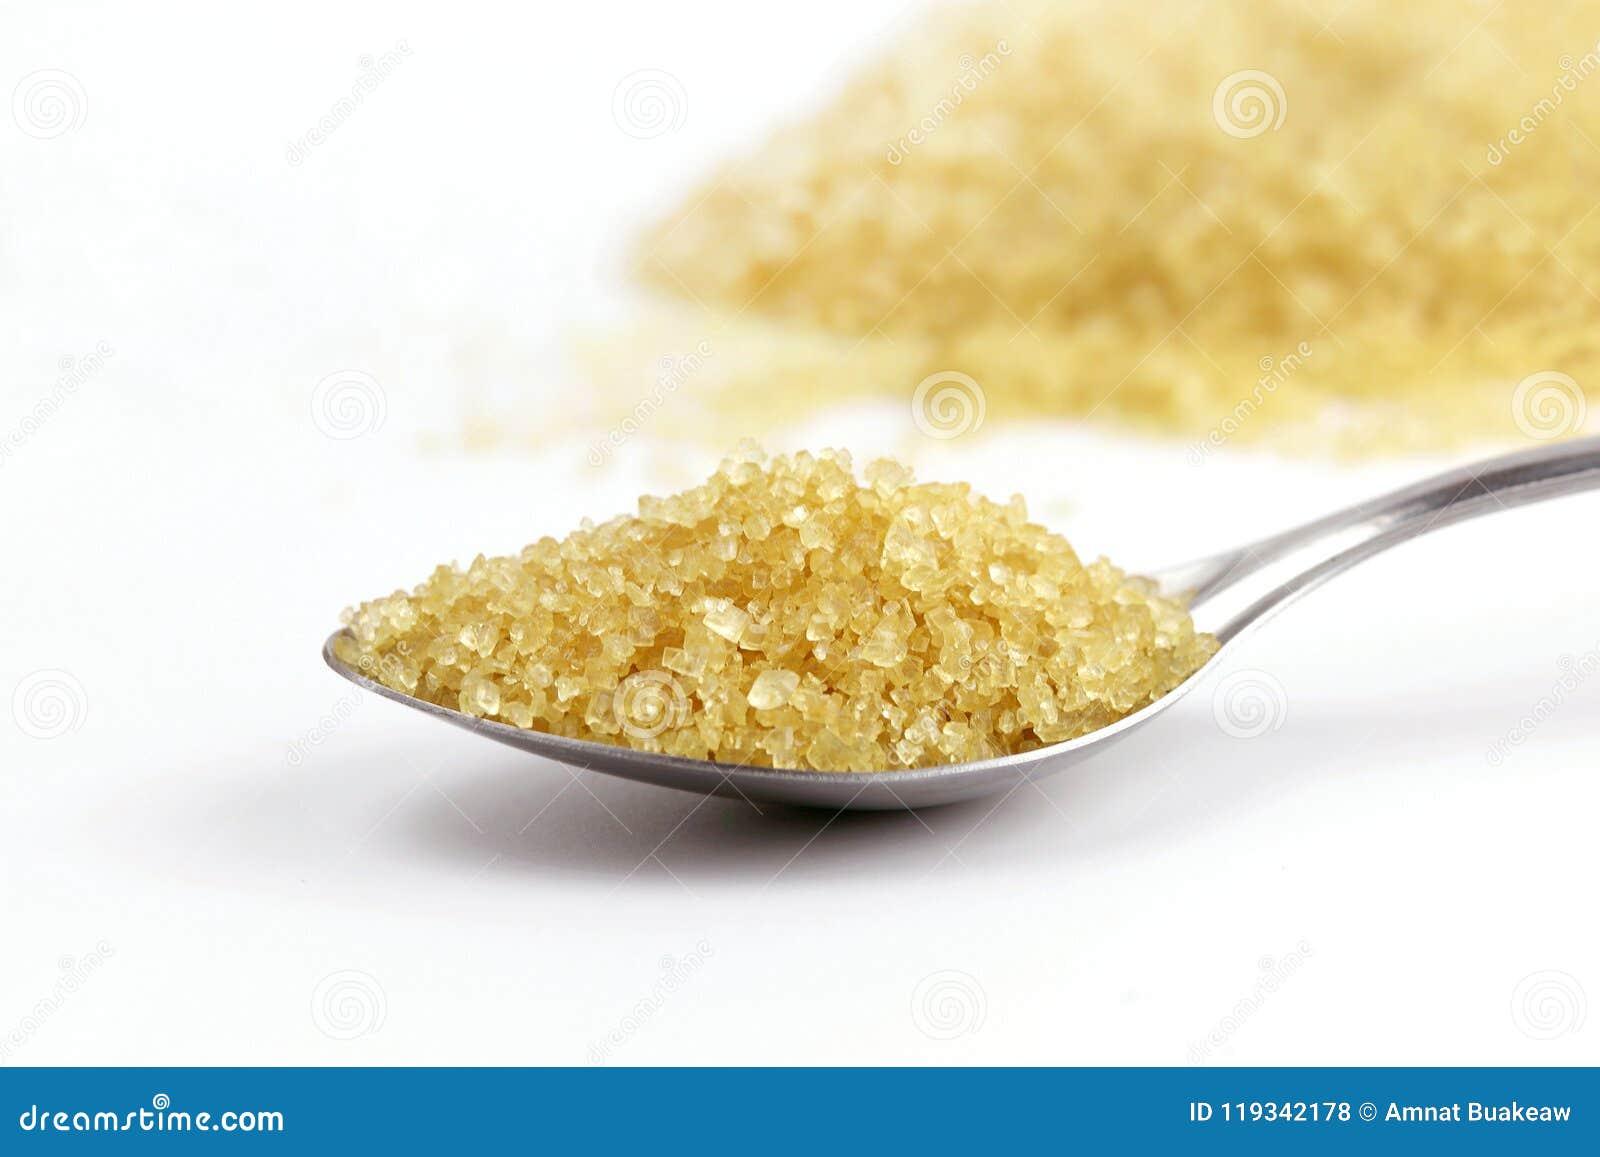 Lo zucchero in cucchiaio, zucchera il mucchio marrone dalla canna da zucchero su giallo dell acciaio inossidabile del cucchiaio e